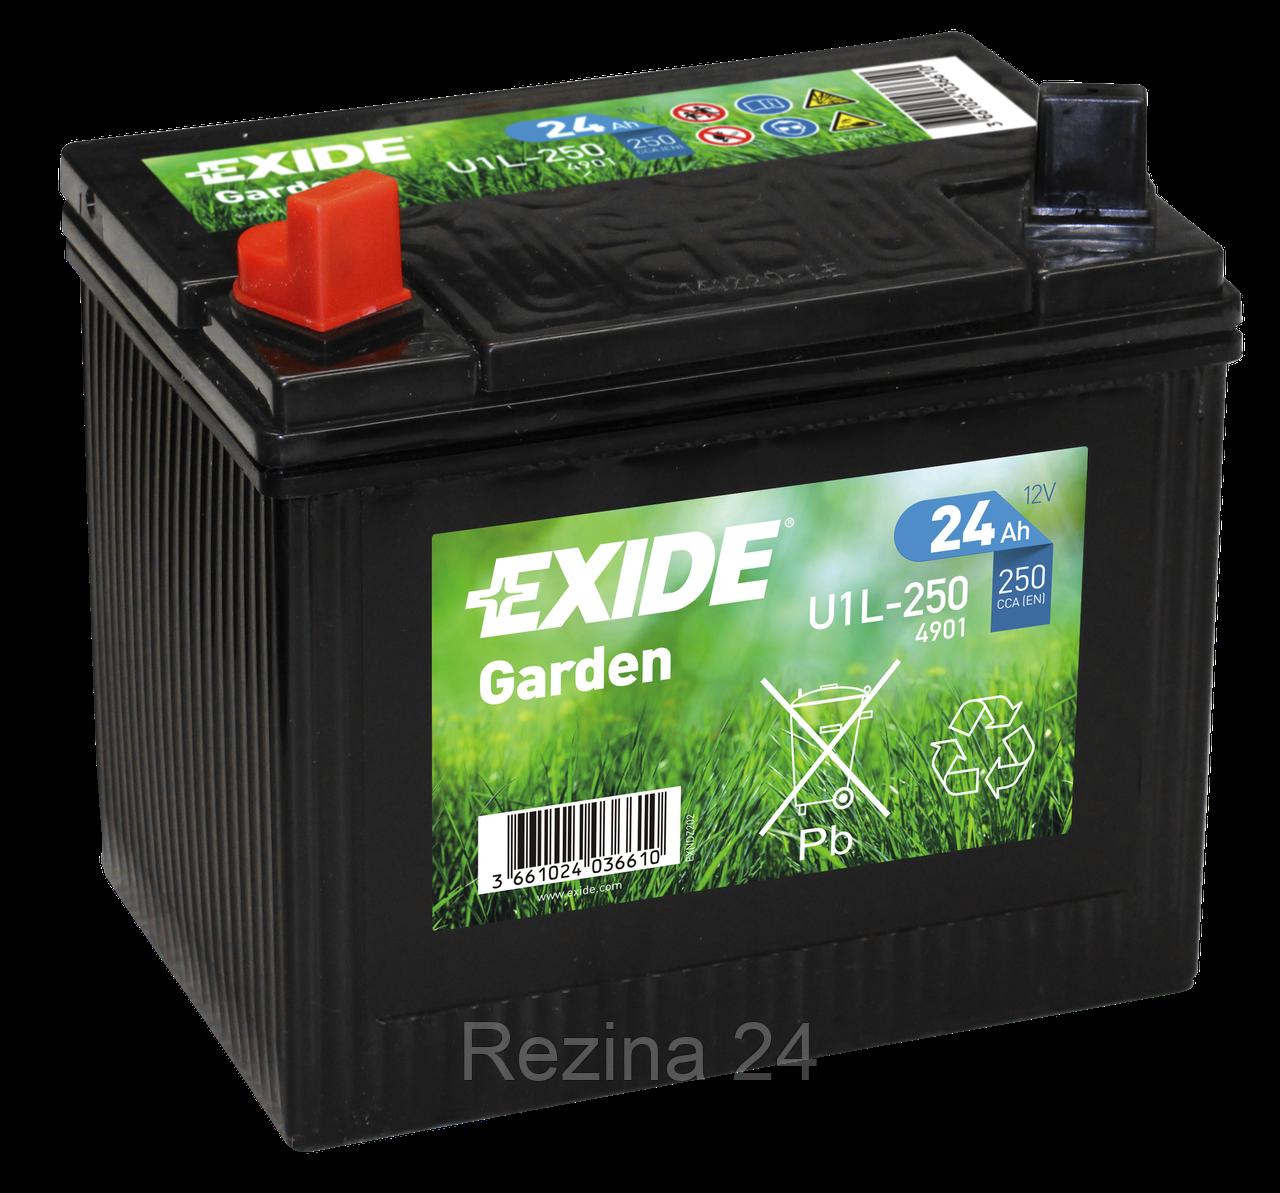 Аккумулятор Exide 12V 24AH/250A (4901 GARDEN) - Rezina 24 в Львове